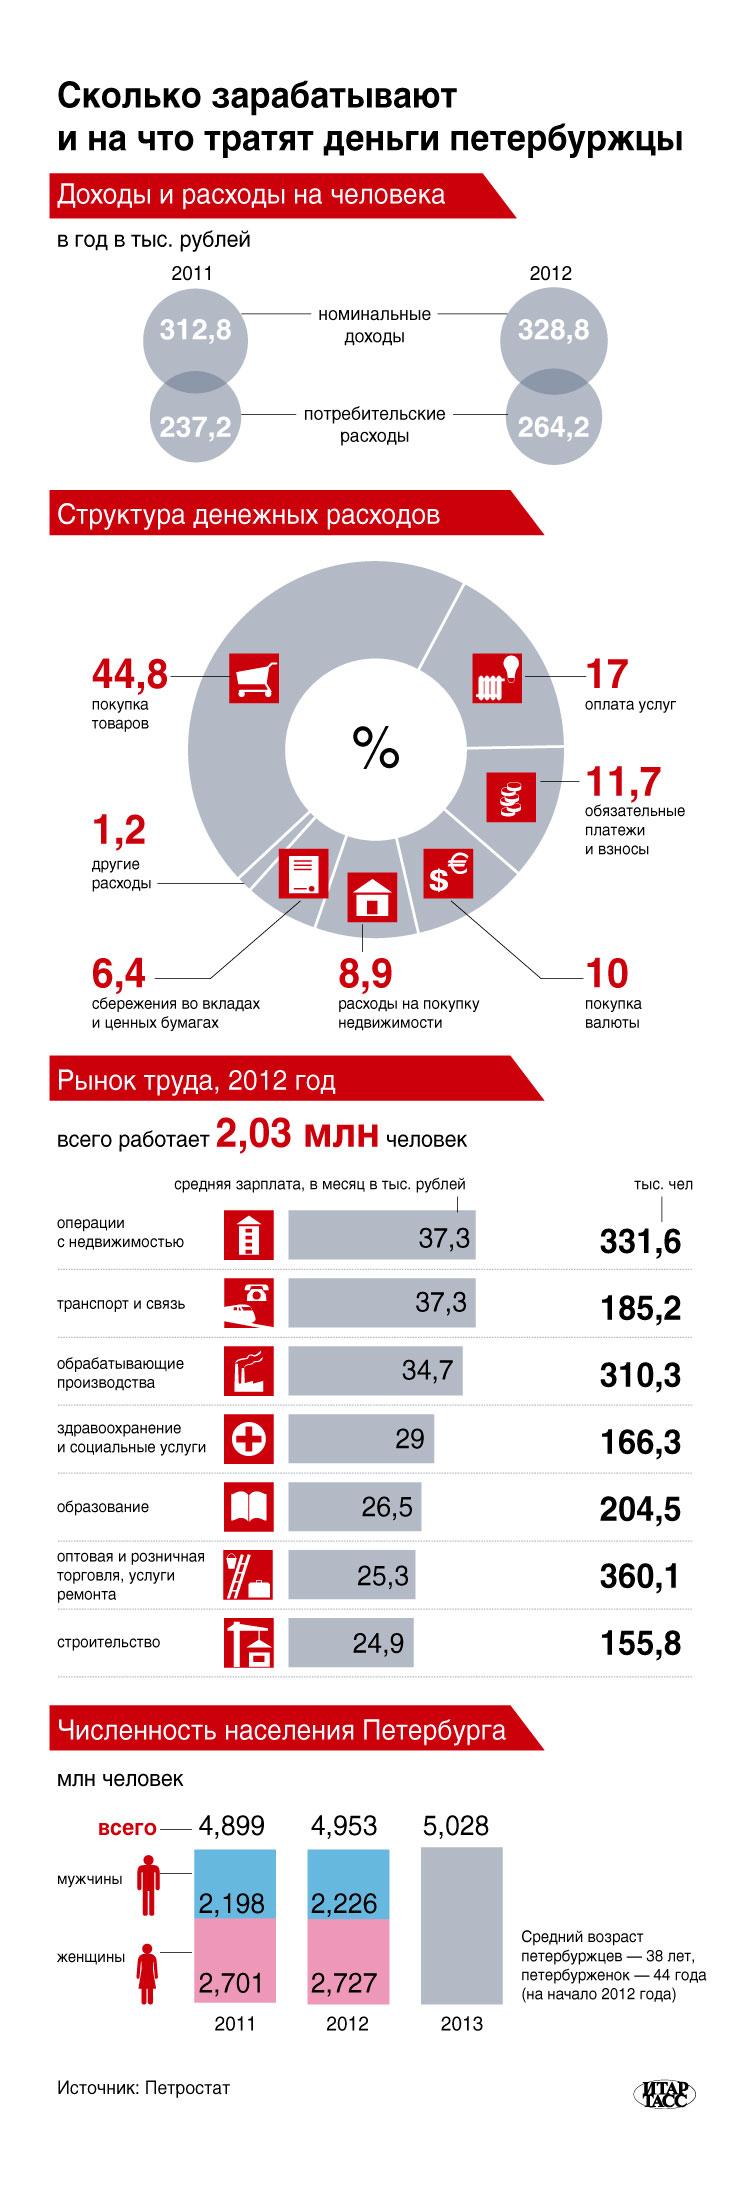 Сколько зарабатывают и на что тратят деньги петербуржцы